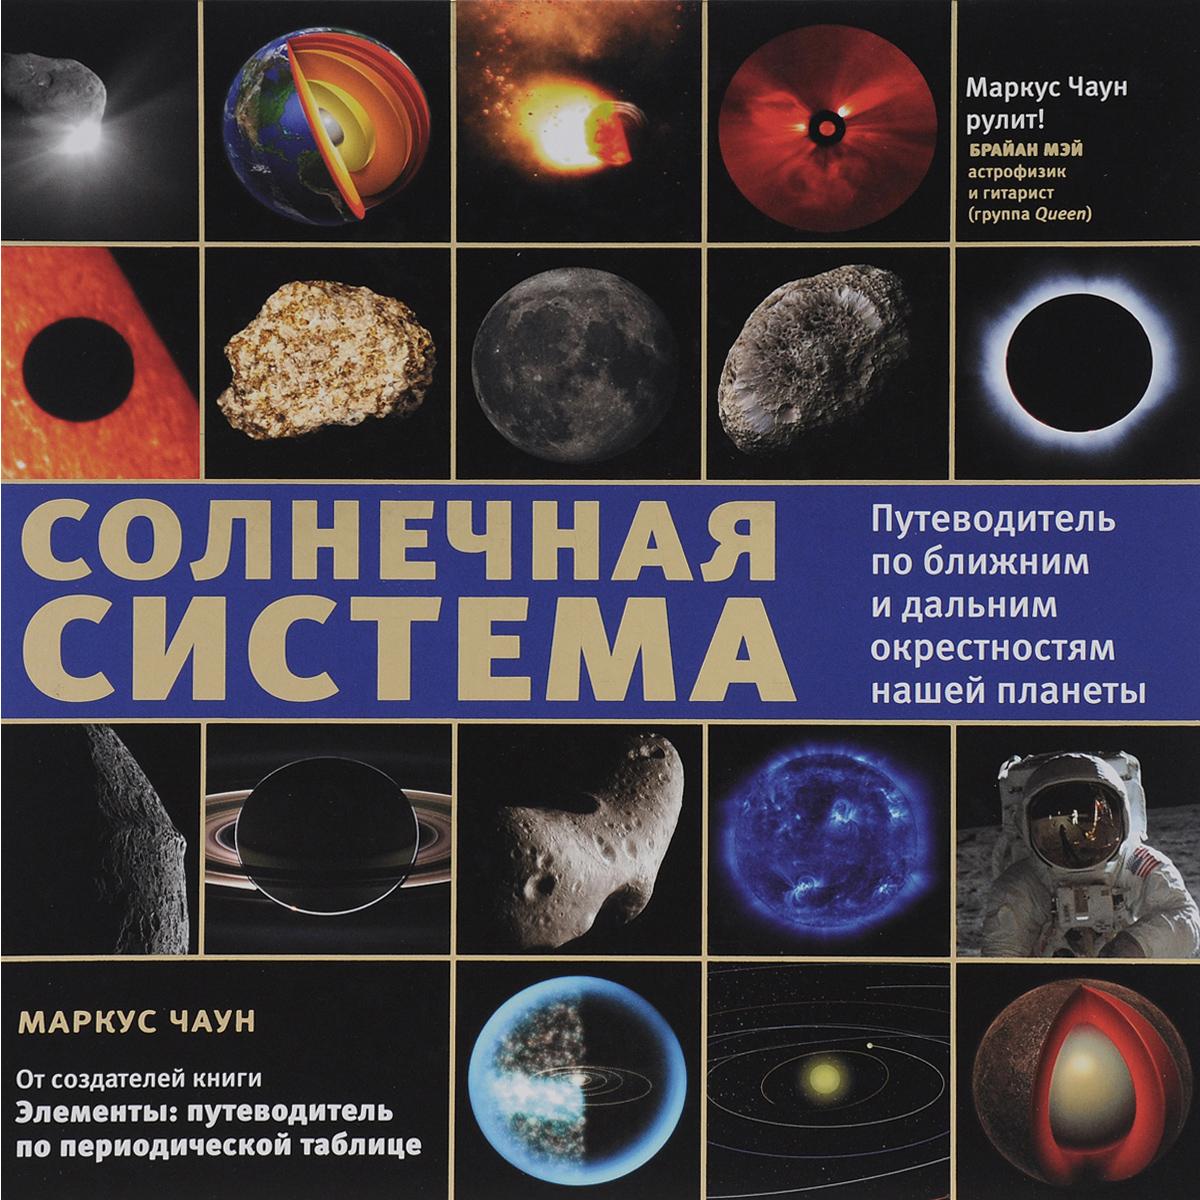 Маркус Чаун Солнечная система. Путеводитель по ближним и дальним окрестностям нашей планеты